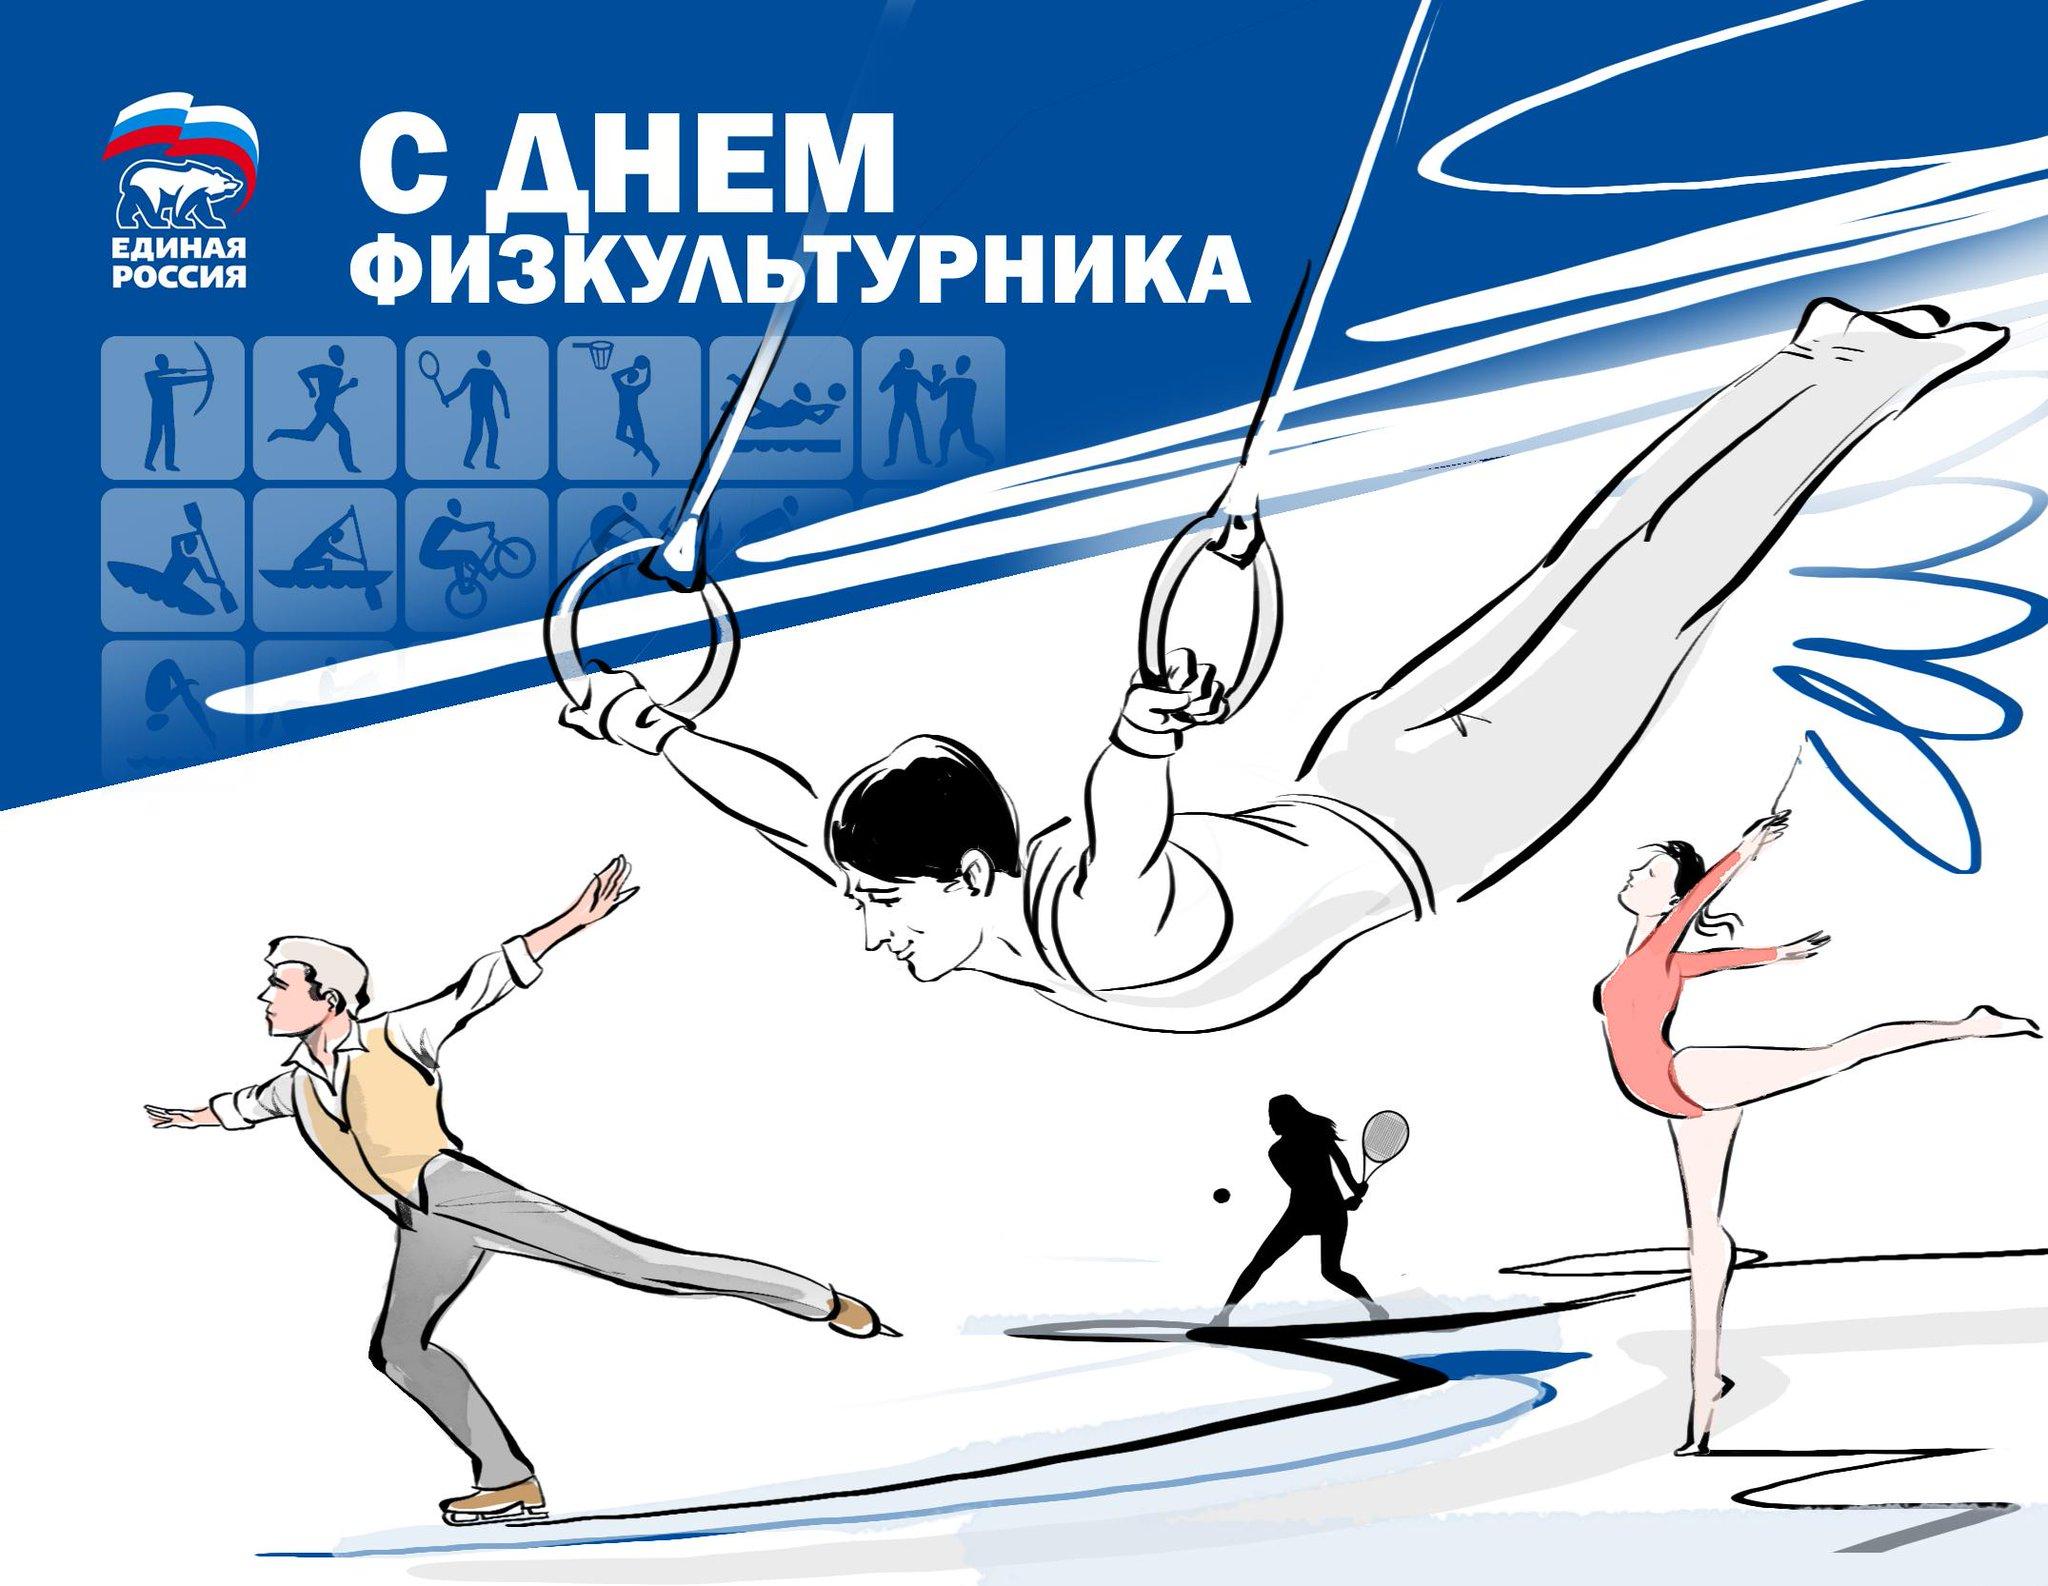 Прикольные открытки на день физической культуры и спорта 71